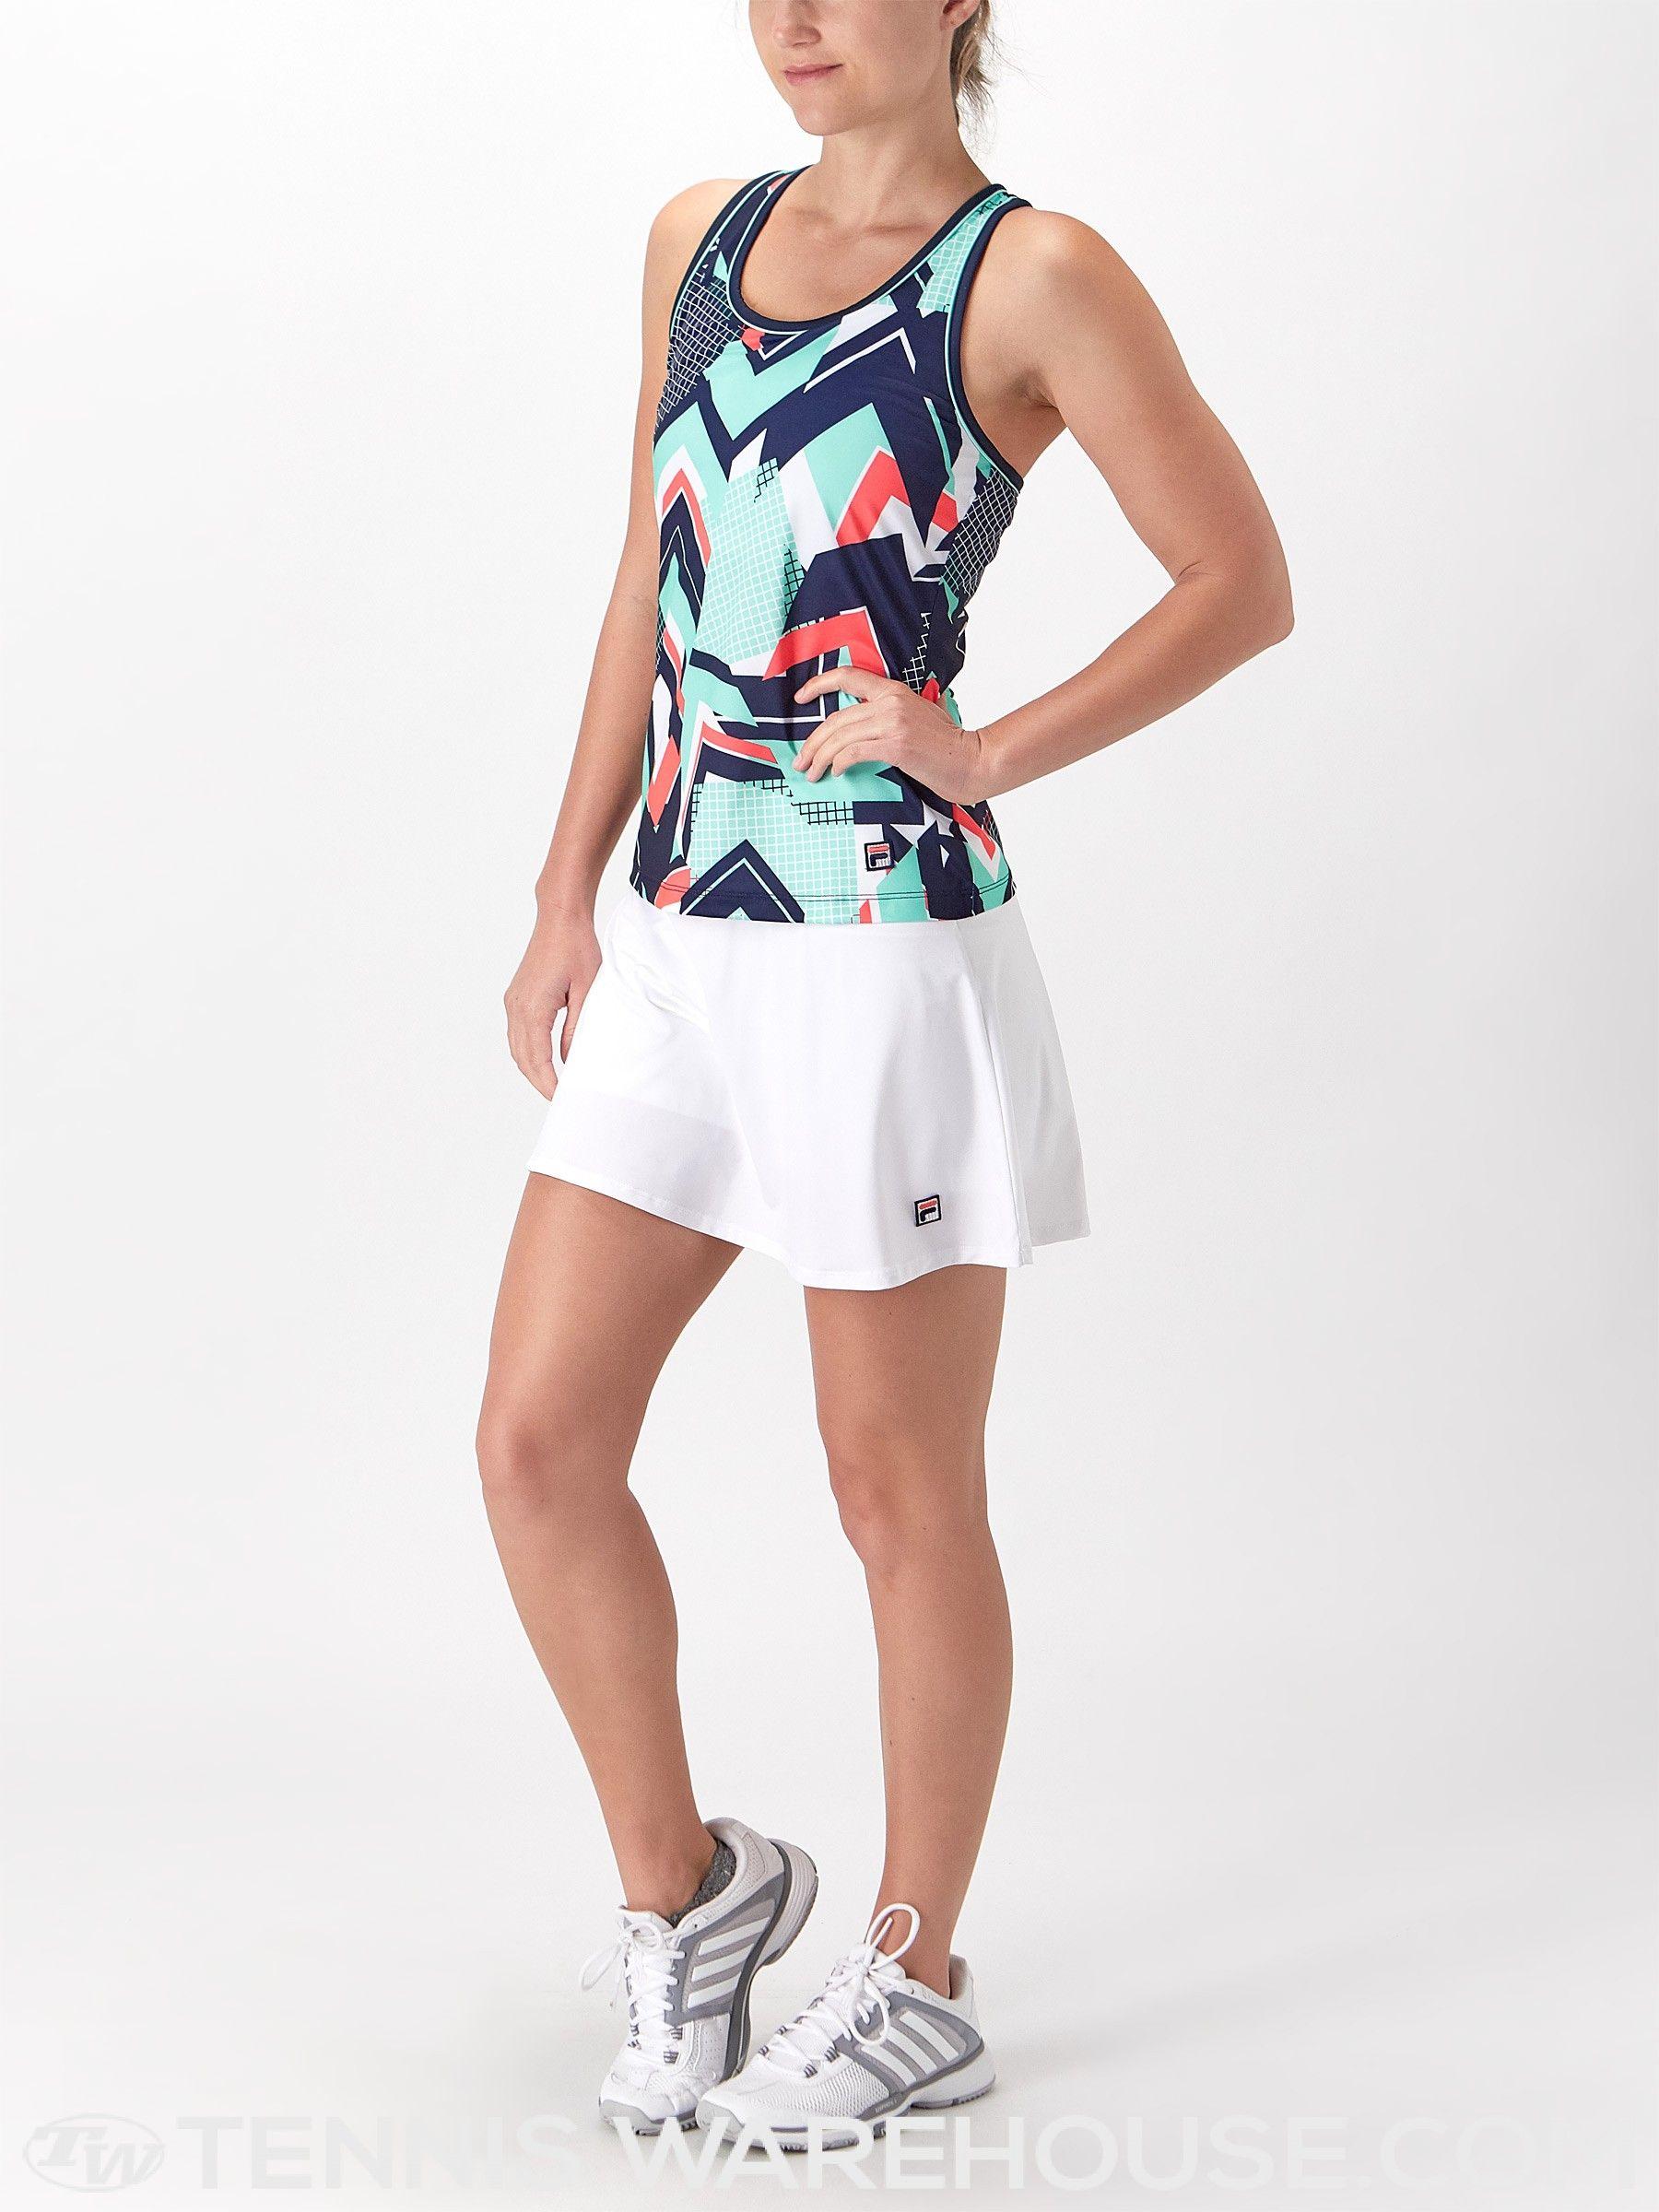 Pin By Tennis Warehouse On Women S Tennis Wear Fashion Tennis Wear Womens Fall Womens Tennis